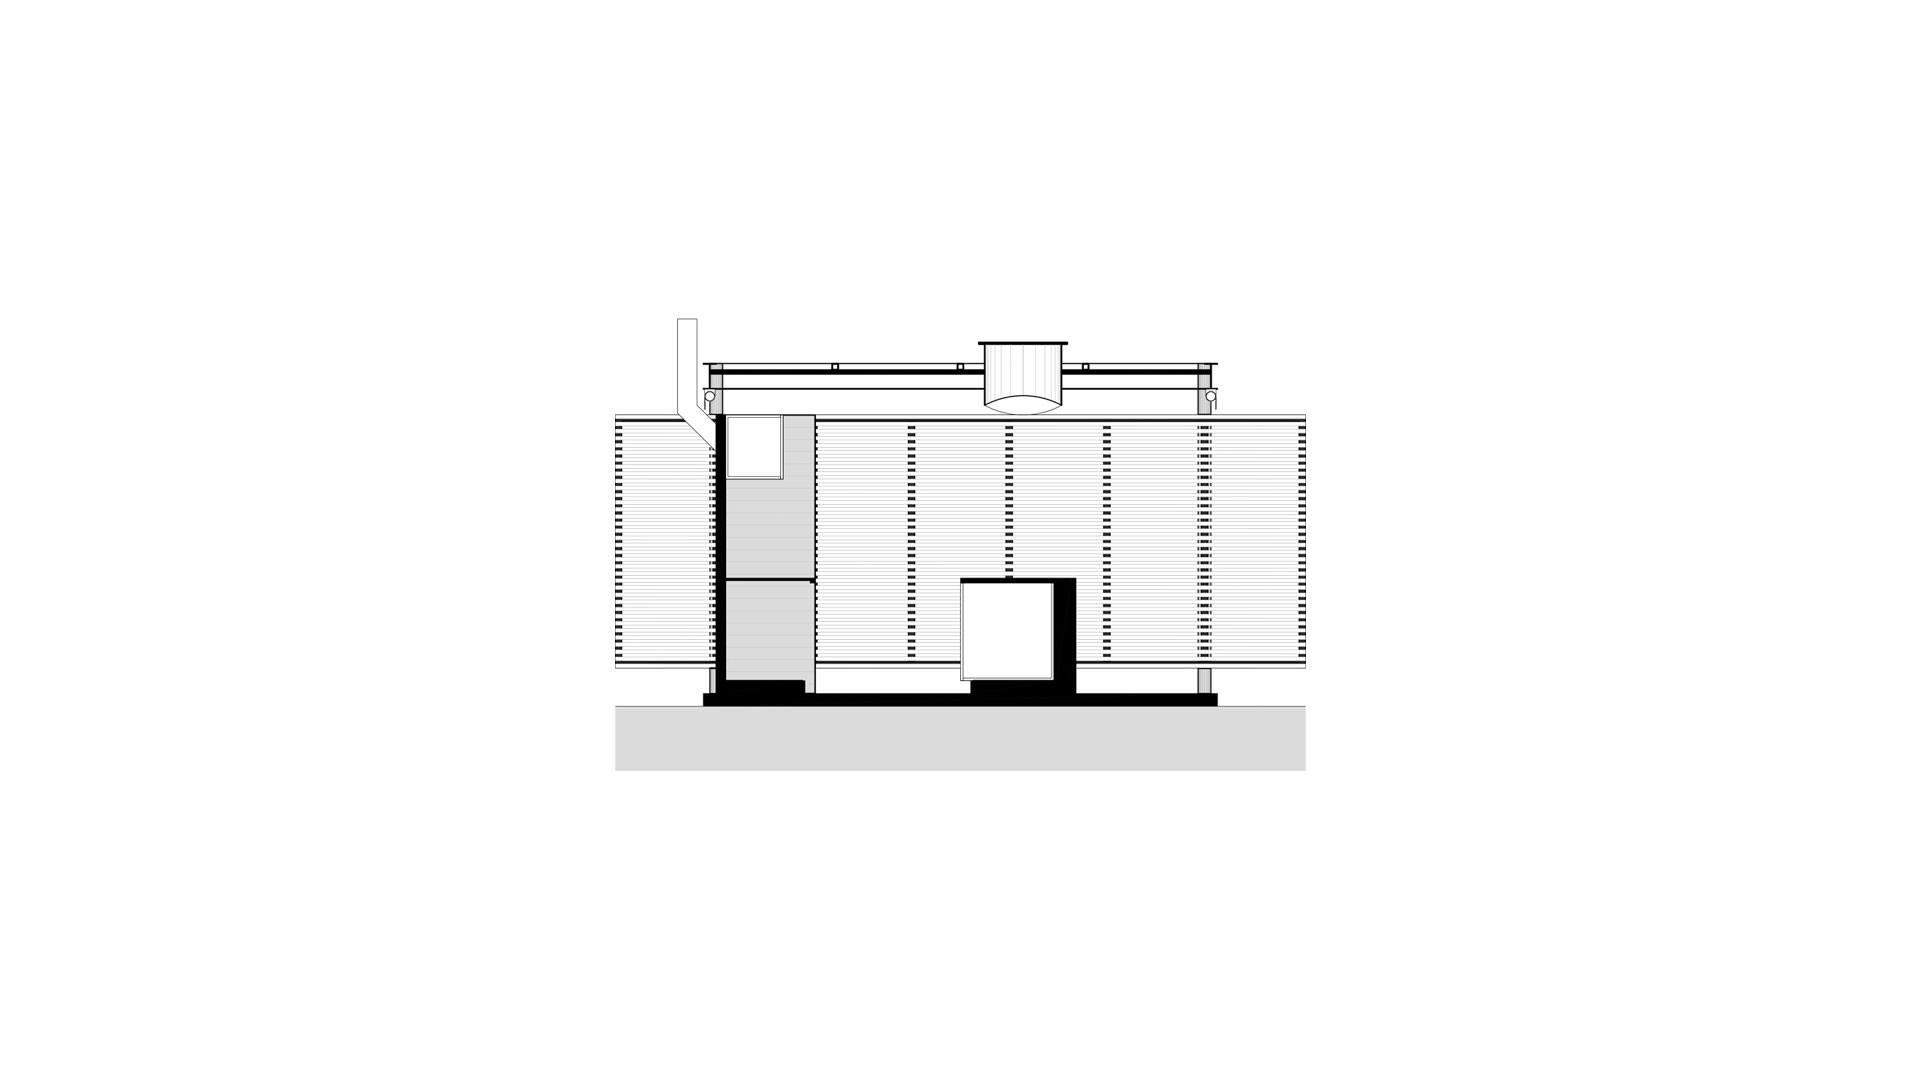 7-araruama-corte-5-transversal